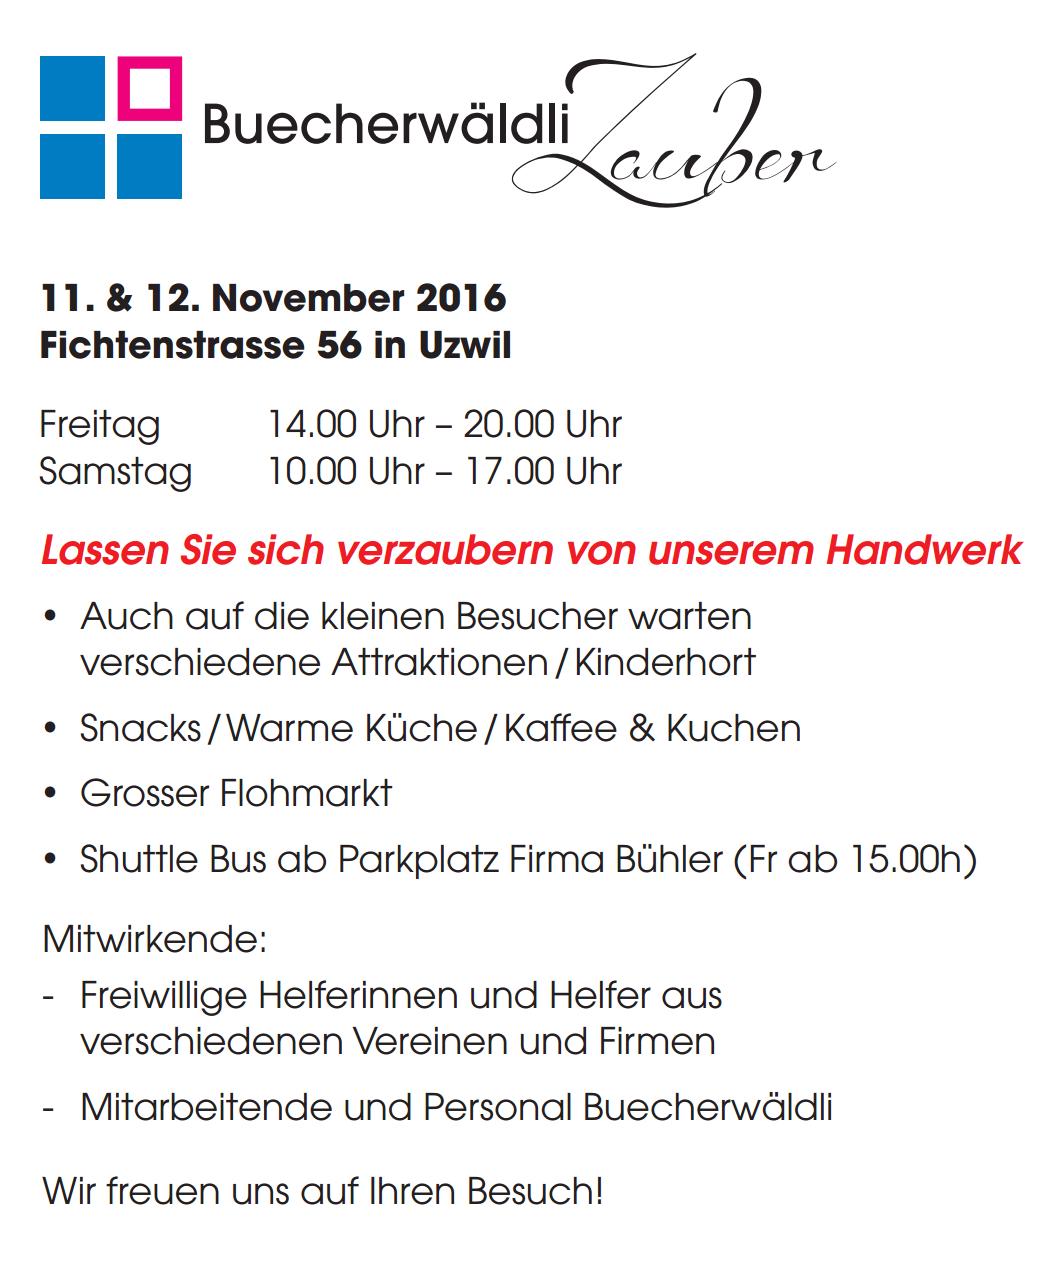 buecherwaeldli_promotion_zauber_seite2